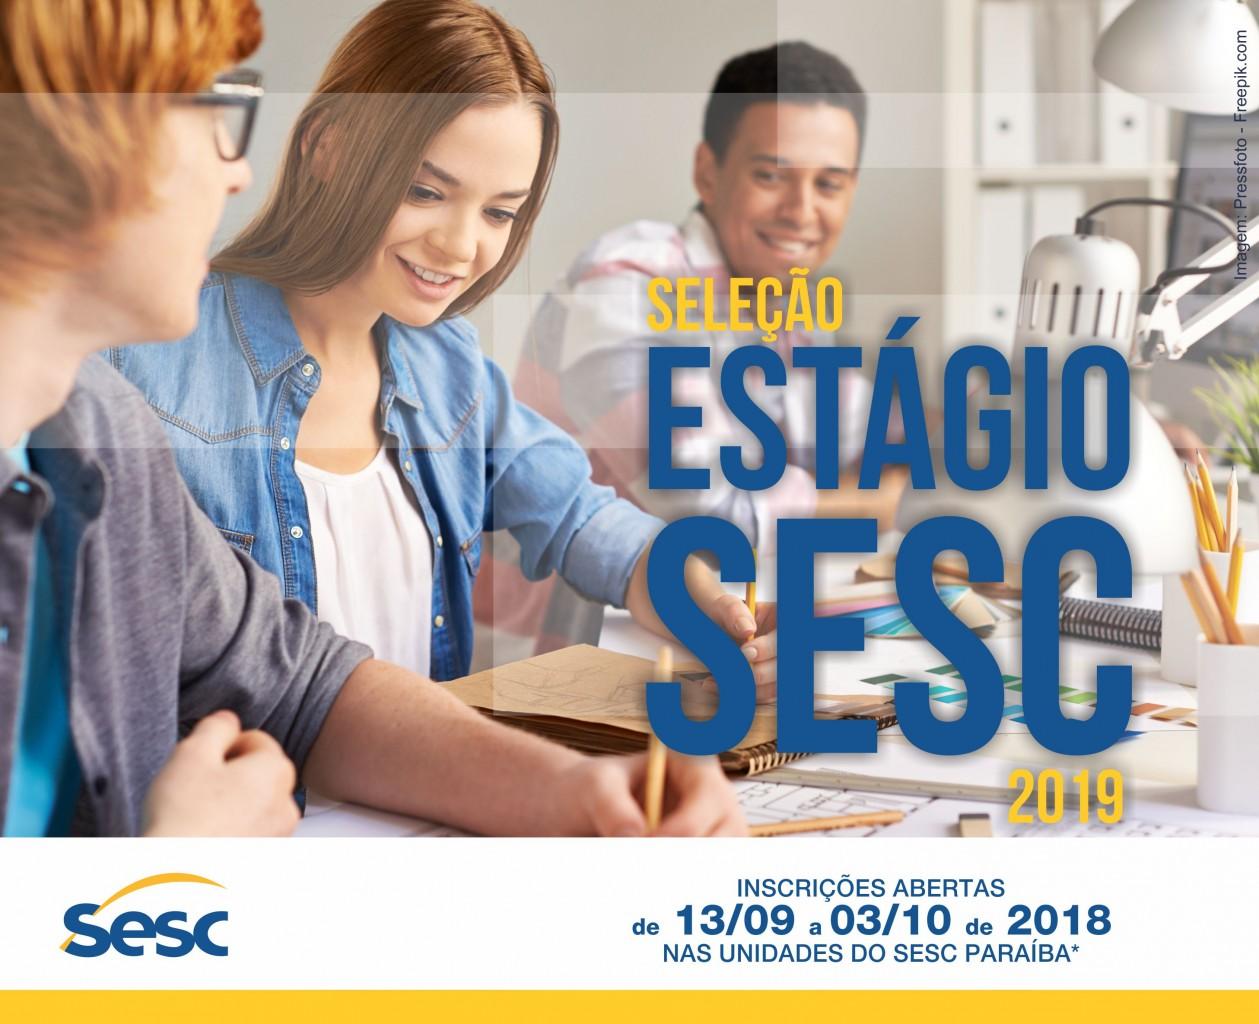 estagiosesc - Sesc Paraíba abre inscrições para seleção de estágio 2019